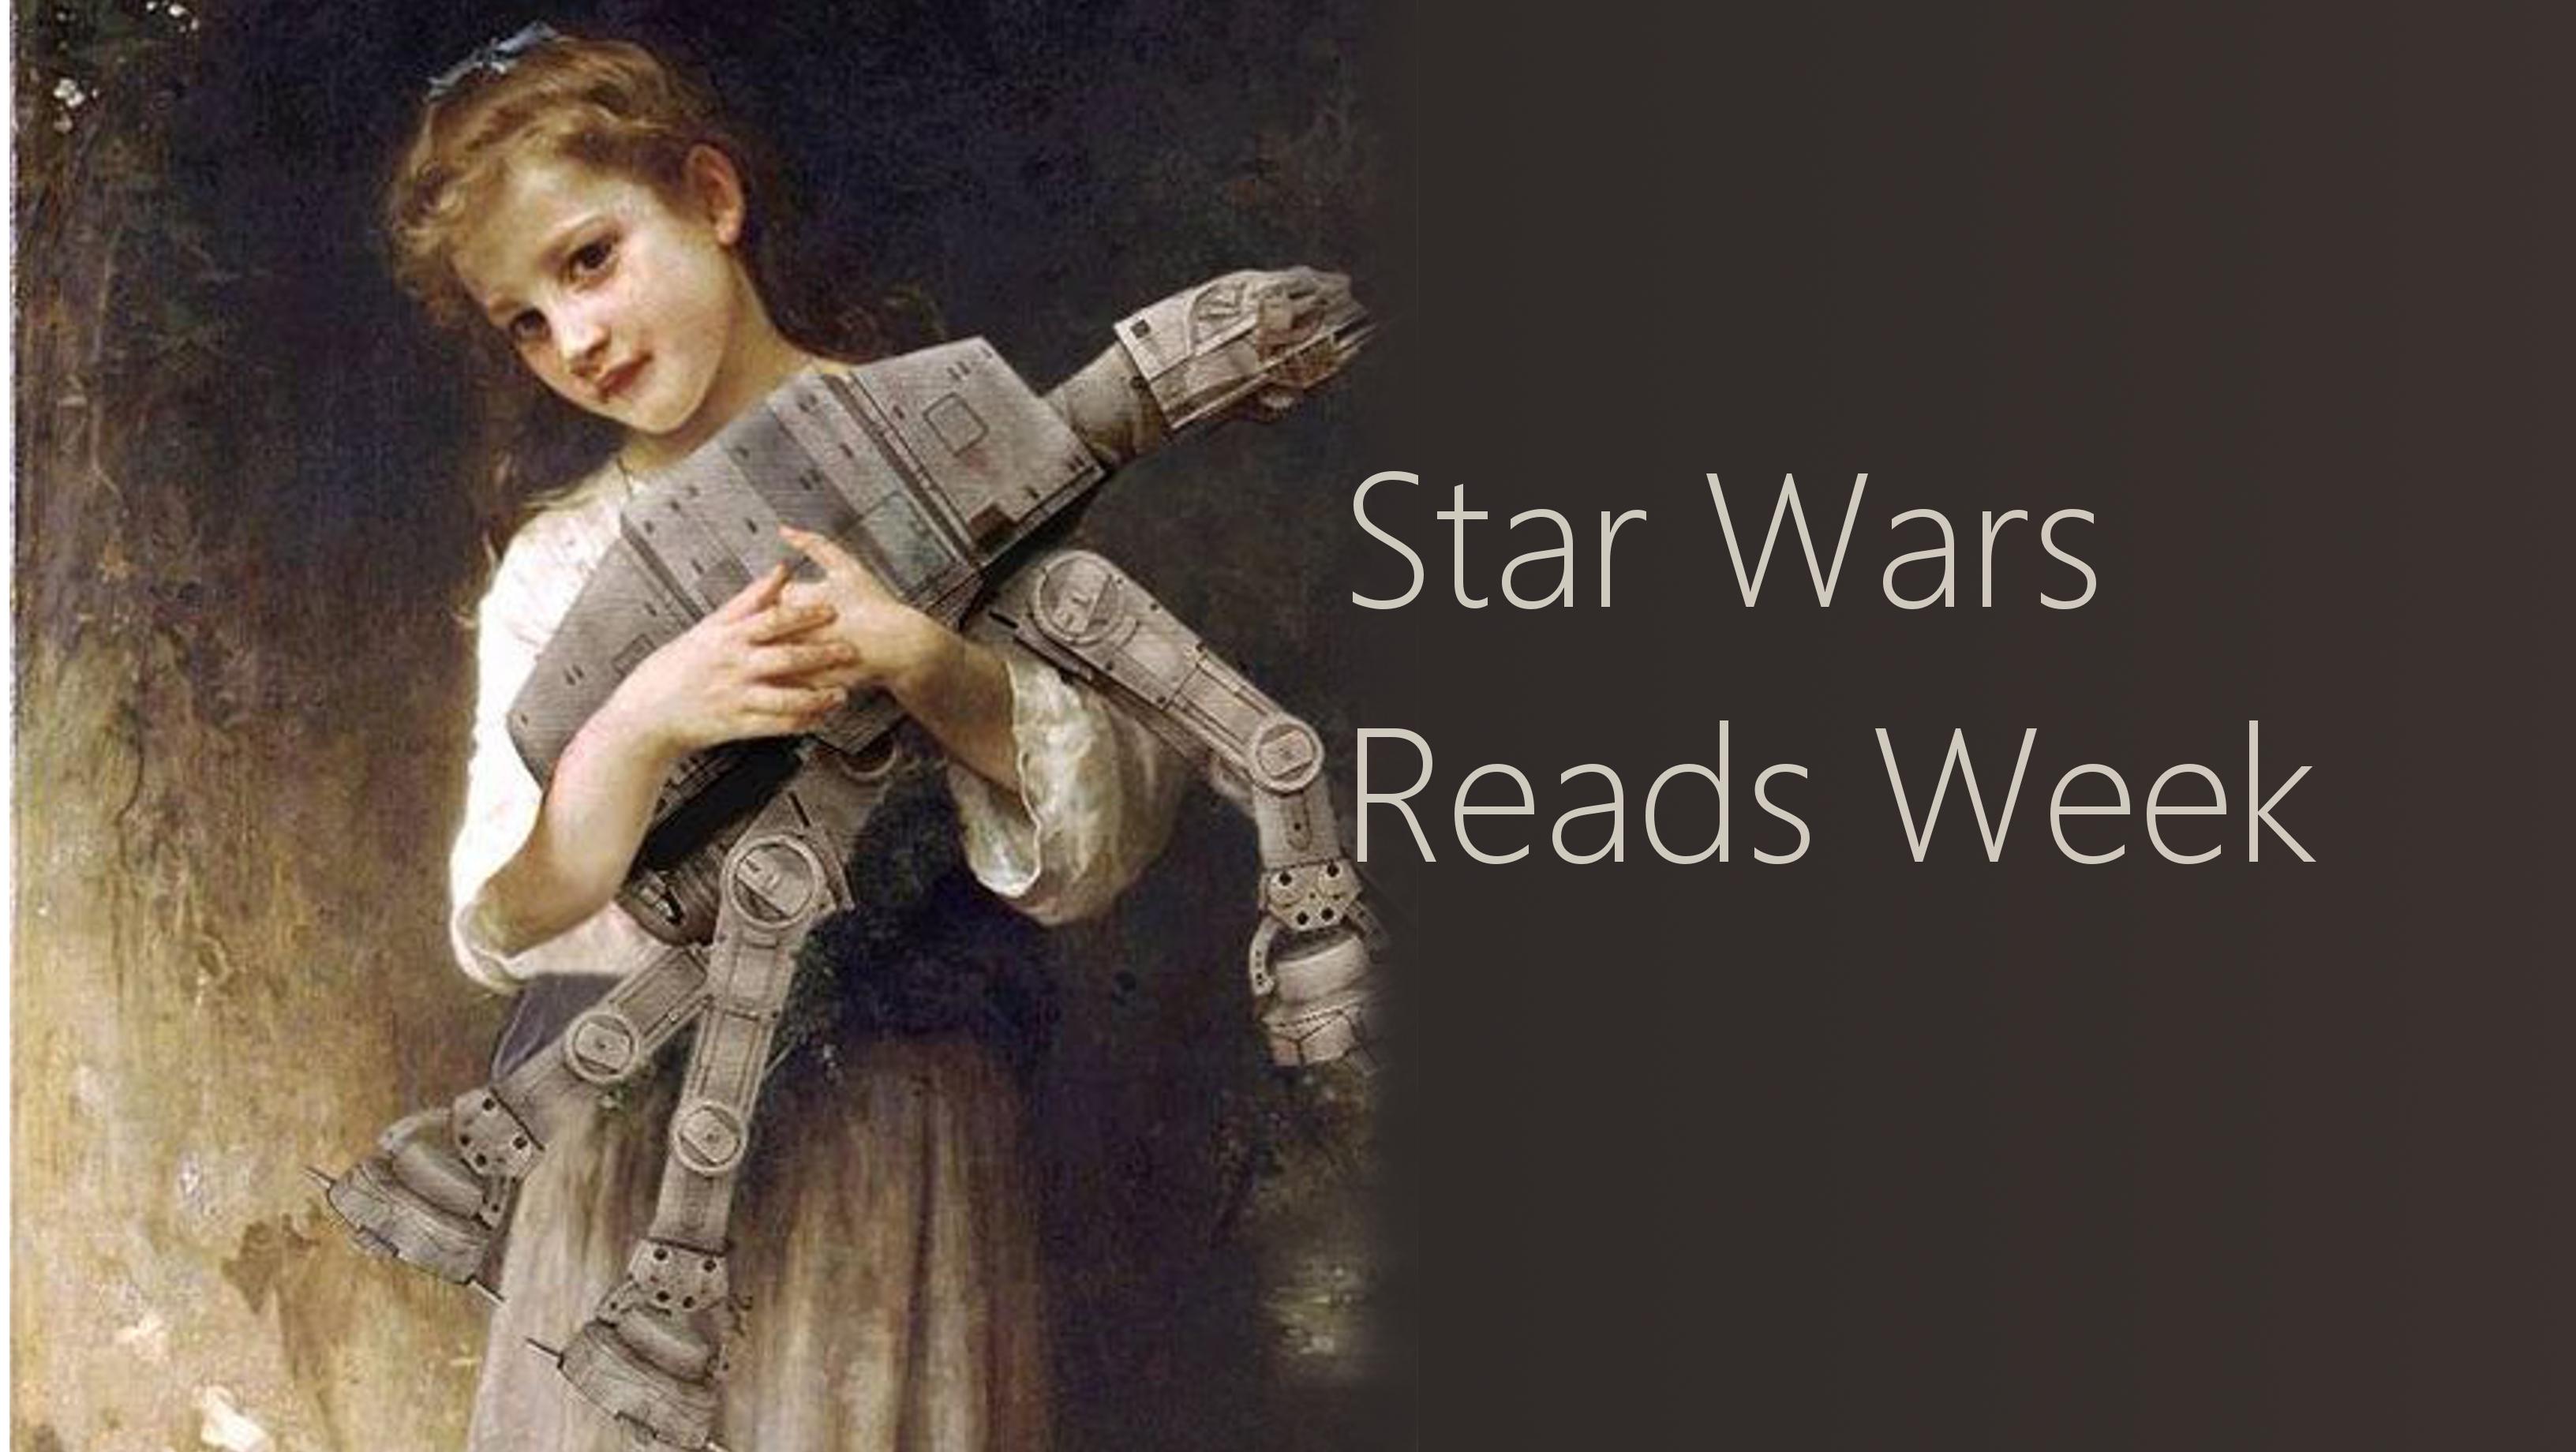 Star Wars Reads Week in the LMC